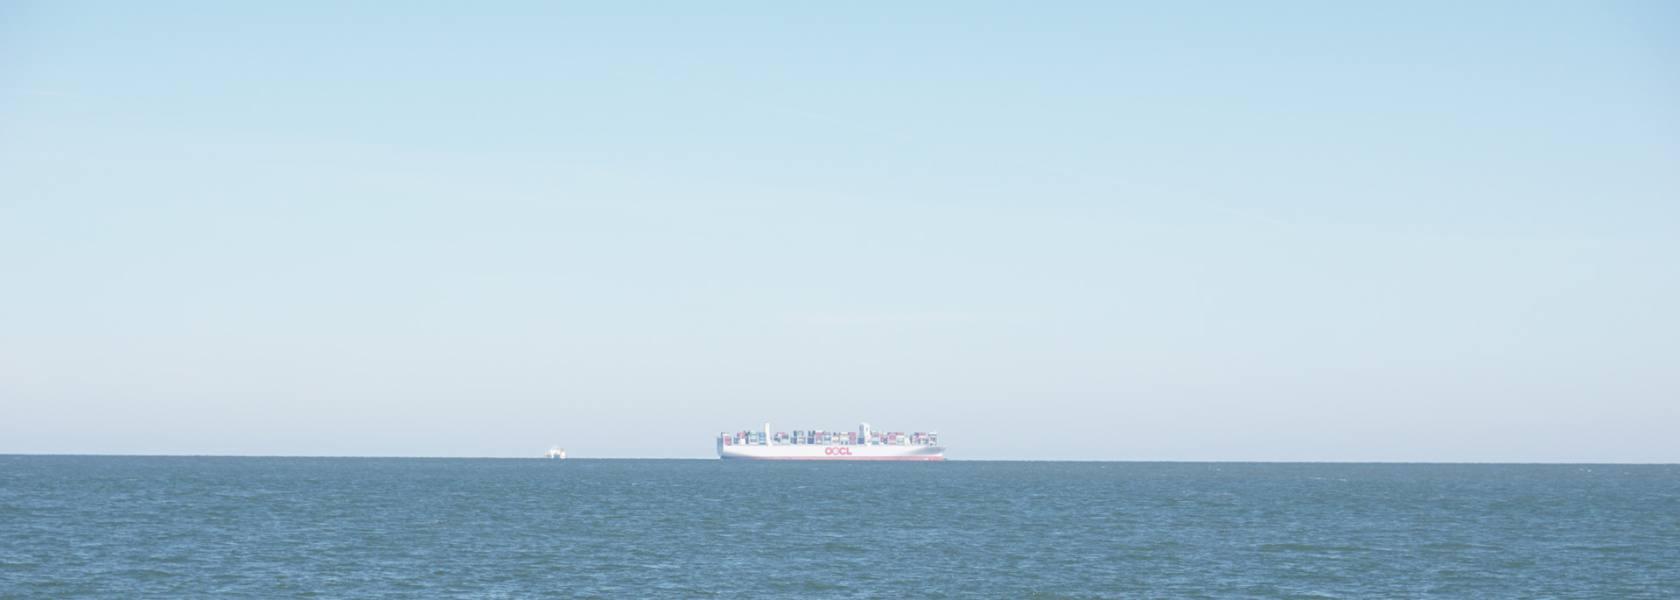 Schiffbeobachtung, © Die Nordsee GmbH, Karen Walterscheid